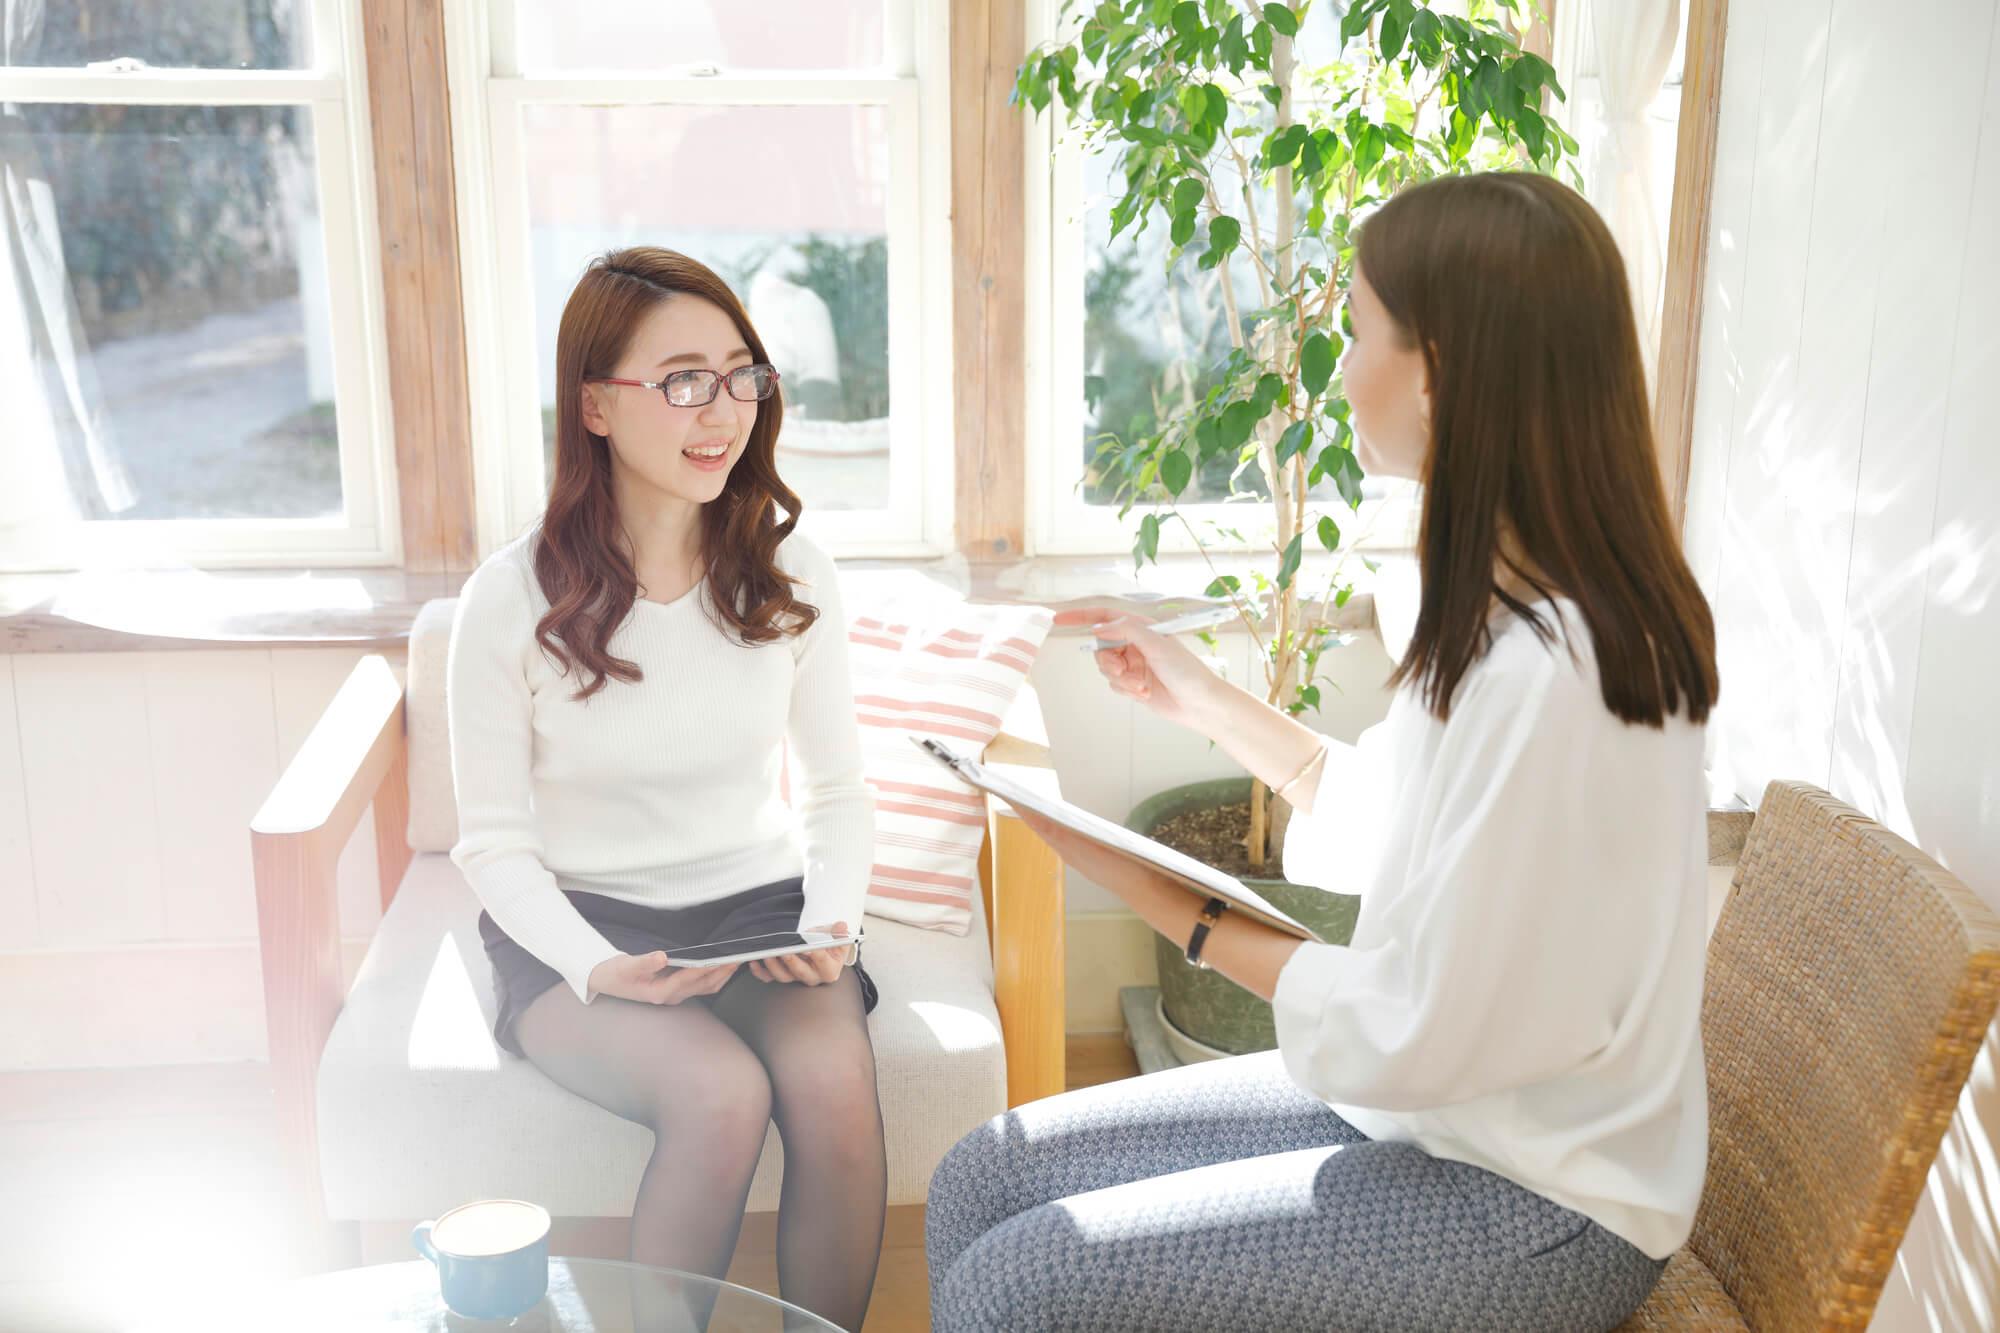 心に抱える悩みや問題を包み隠さず相談する女性クライアント